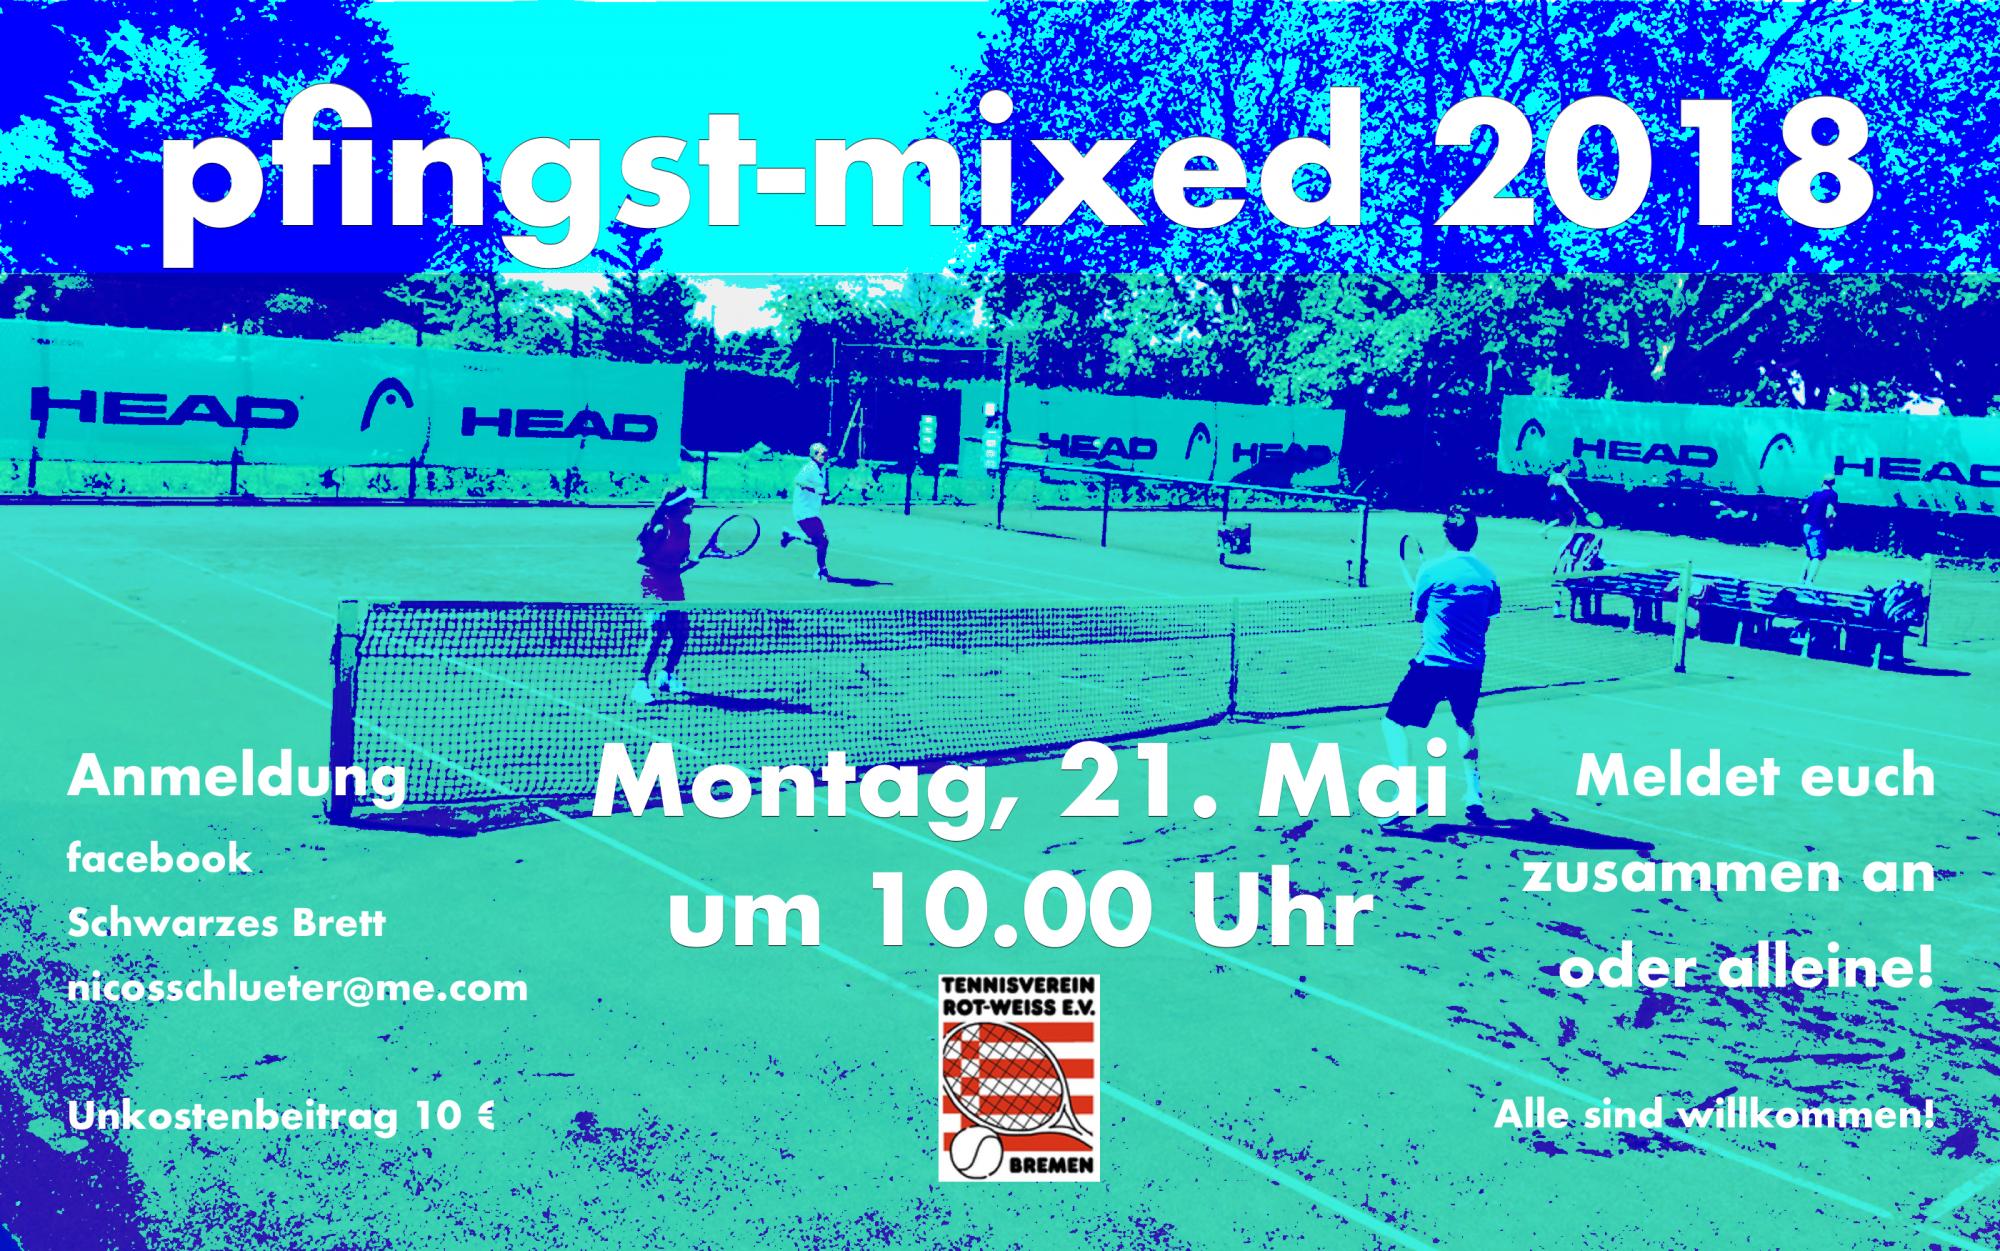 Rw Pfingstmixed 2018 Tennisverein Rot Weiss Ev Bremen